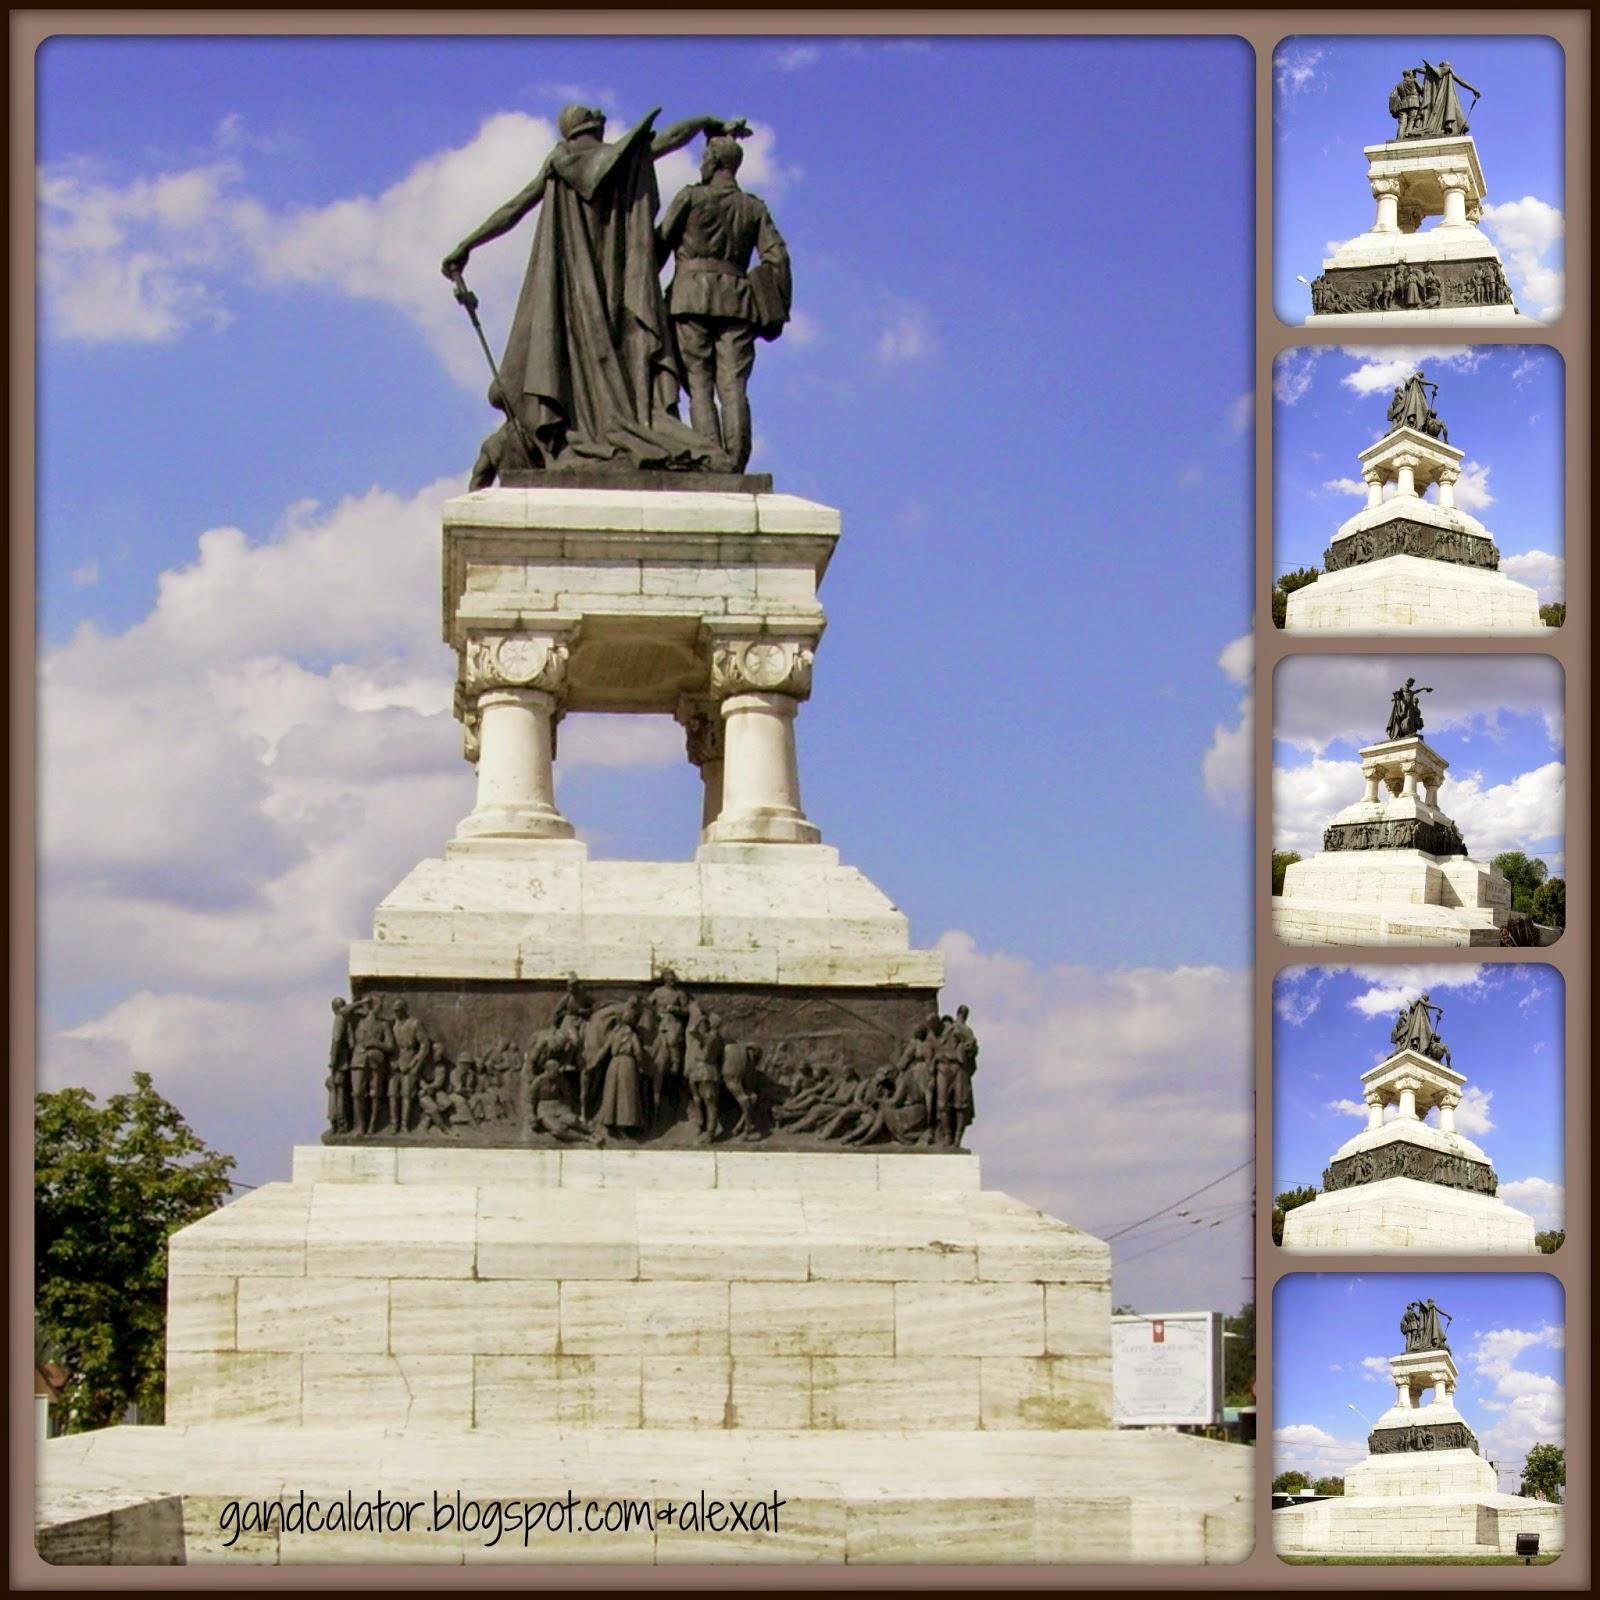 """""""Monumentul Eroilor Sanitari, operă a sculptorului italian Raffaello Romanelli, se află în Piața Operei din București, la intersecția Splaiului Independenței cu Bulevardul Eroilor Sanitari, în vecinătatea Operei Naționale și a Facultății de Medicină. Monumentul este înscris la poziția nr. 2284, cu codul B-III-m-B-19955, în Lista monumentelor istorice, actualizată prin Ordinul ministrului Culturii și Cultelor, nr.2314/8 iulie 2004.   Monumentul Eroilor Sanitari a fost înălțat în anul 1932, în timpul mandatului primarului Bucureștiului Dem. I. Dobrescu și este închinat memoriei medicilor, sanitarilor, surorilor voluntare care au salvat vieți pe fronturile Primului Război Mondial."""" Read more on Wikipedia"""